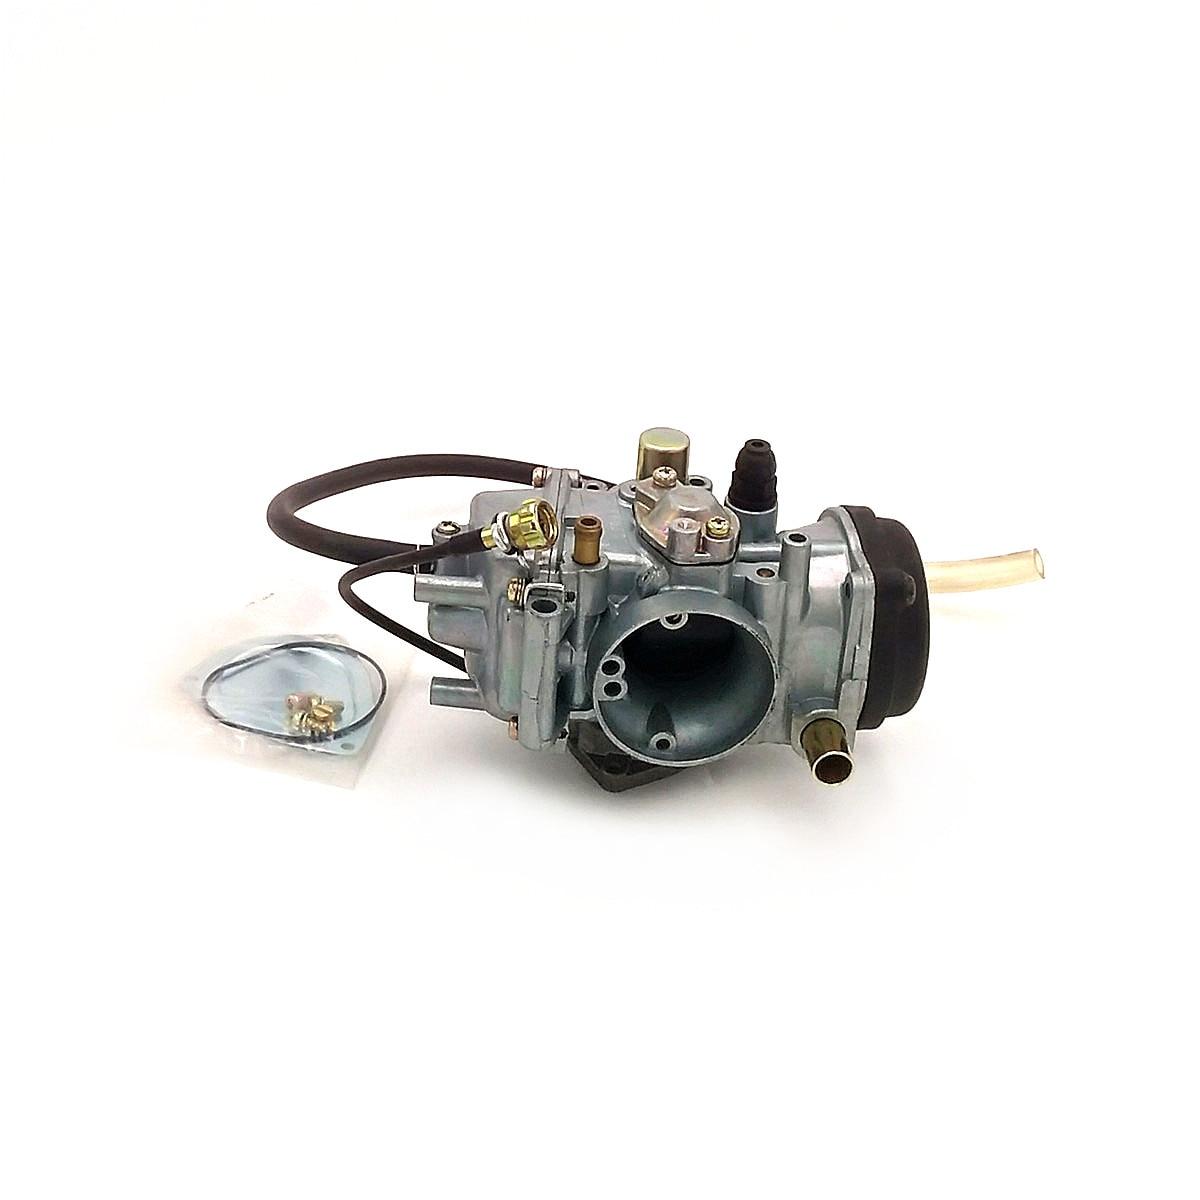 NEW PD36J-A CARBURETOR for HISUN UTV 400CC ATV 500 enlarge